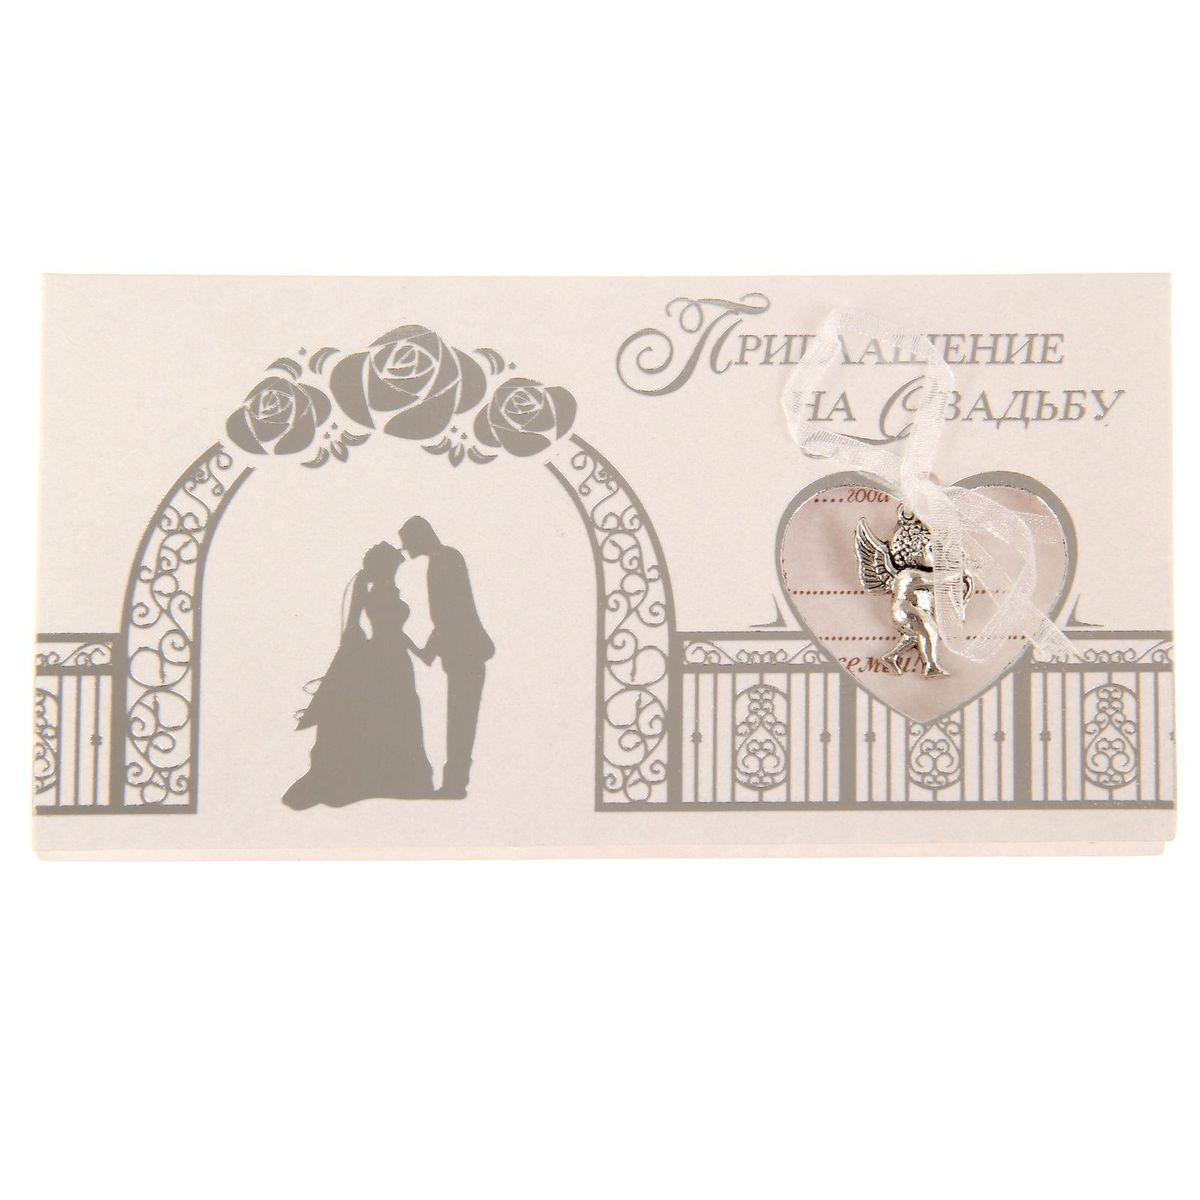 Приглашение на свадьбу Sima-land Жених и невеста, 13 х 7 см1177999Свадьба - одно из главных событий в жизни каждого человека. Для идеального торжества необходимо продумать каждую мелочь. Родным и близким будет приятно получить индивидуальную красивую открытку с эксклюзивным дизайном.Приглашение Sima-land Жених и невеста, выполненное в форме горизонтальной открытки, декорировано подвеской из металла с бантом. Внутри располагается текст приглашения, свободные поля для имени получателя, времени, даты и адреса проведения мероприятия. Заполните необходимые строки и раздайте приглашение гостям.Устройте незабываемую свадьбу с приглашением Sima-land Жених и невеста!